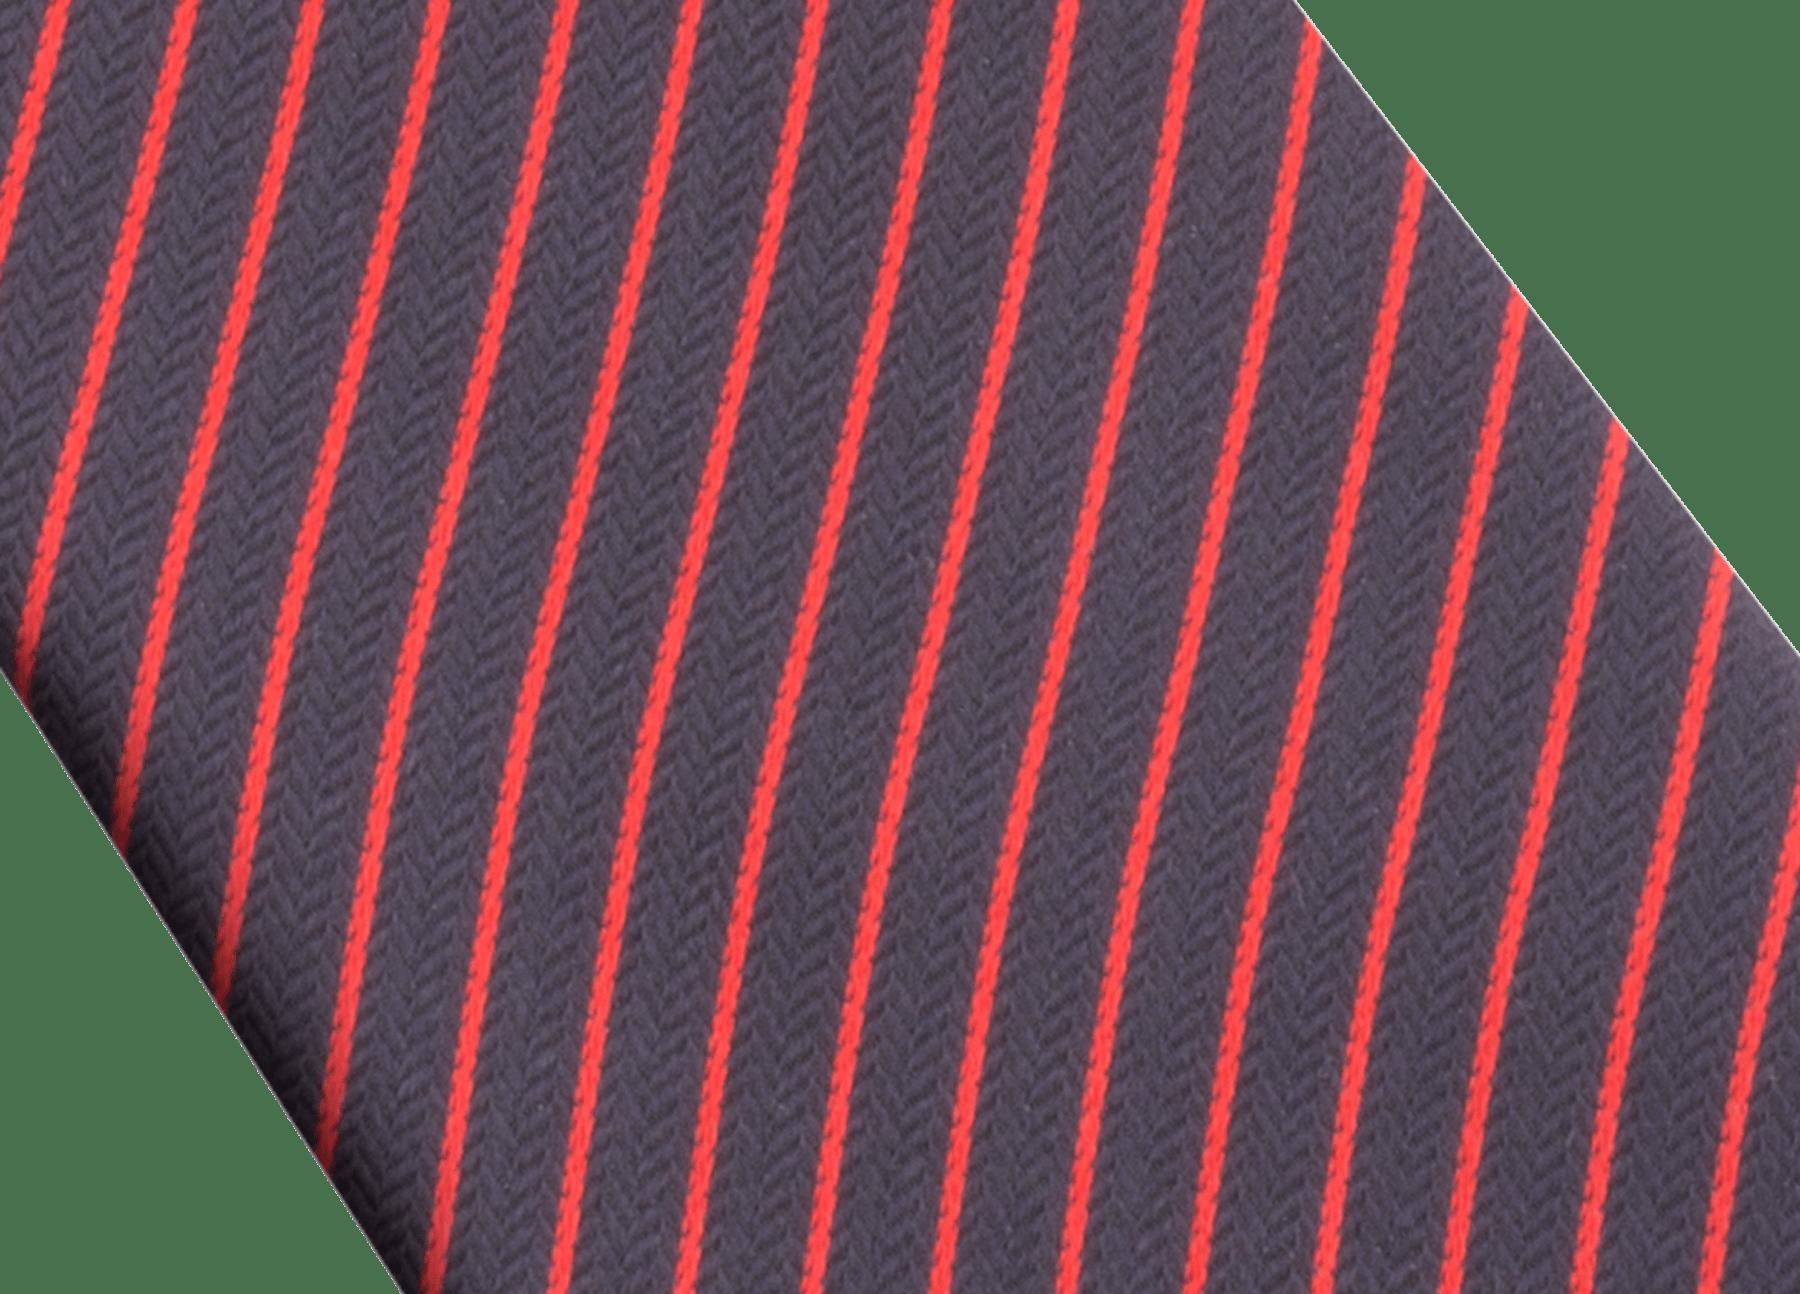 「Octo & Stripes」柄があしらわれたネイビーのセブンフォールドタイ。上質なジャガードシルク製。 244209 image 2